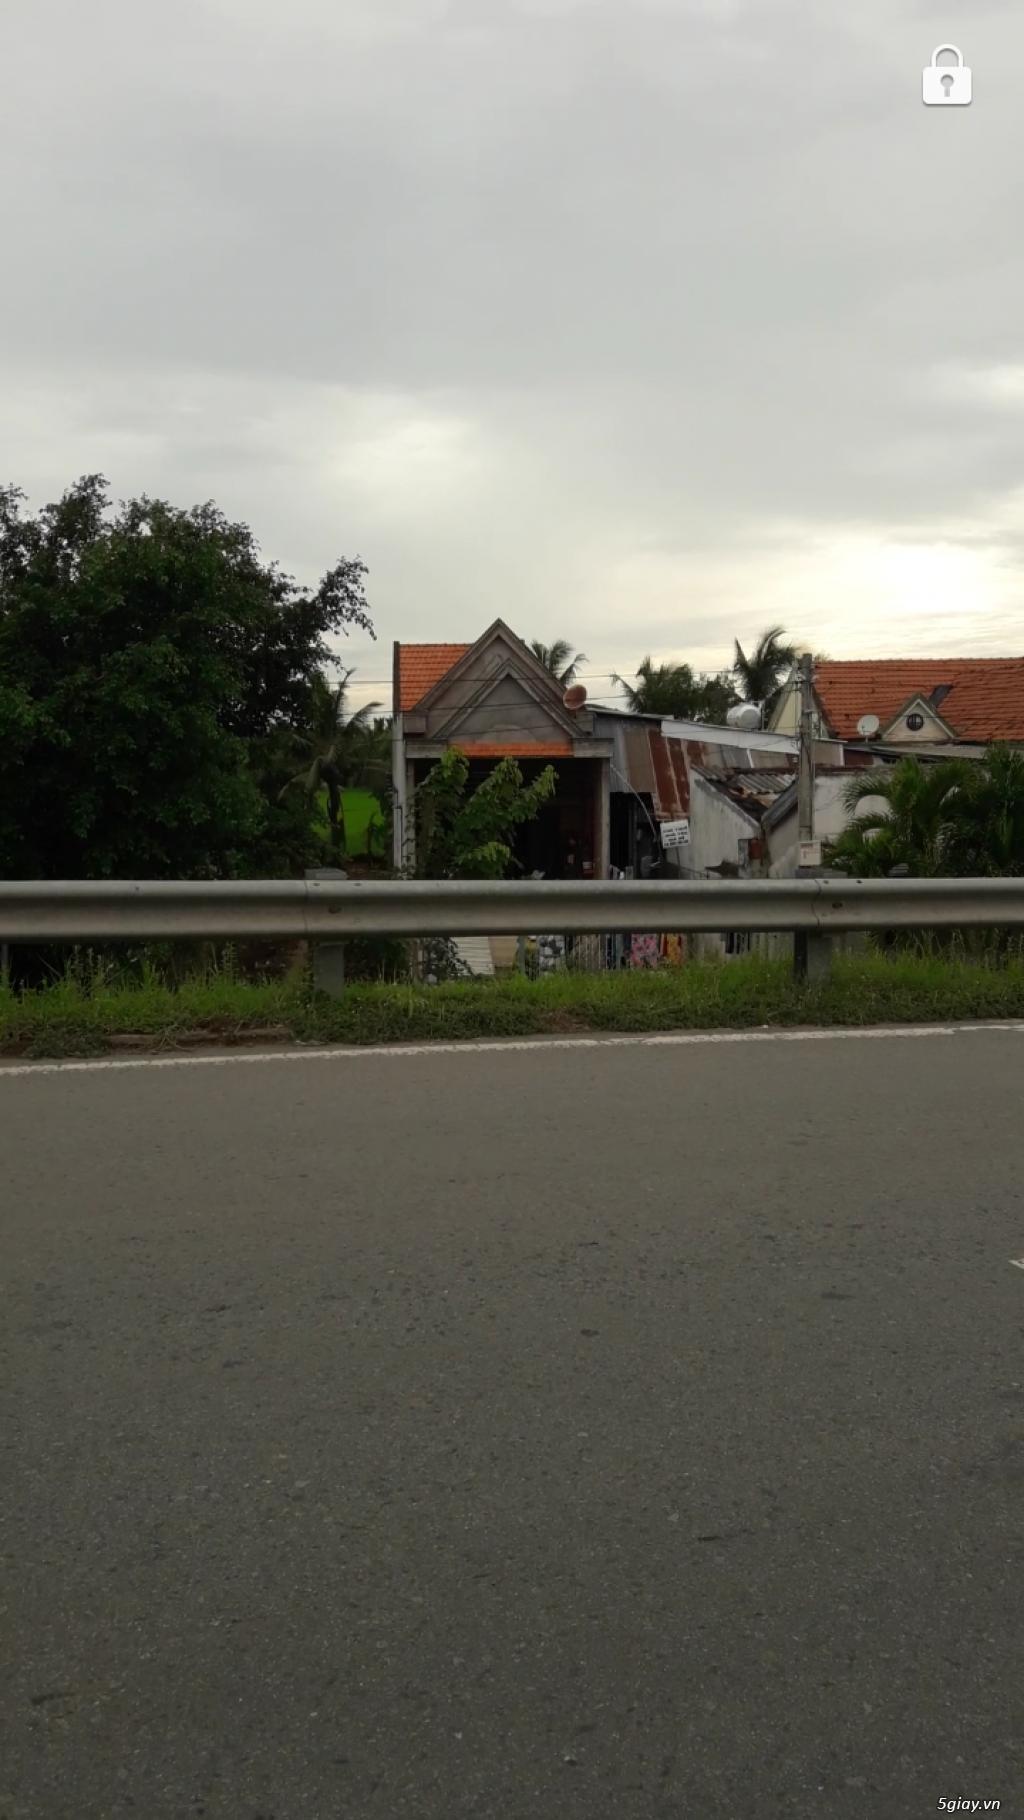 Bán nhà thị trấn thủ thừa mặt tiền tỉnh lộ 834